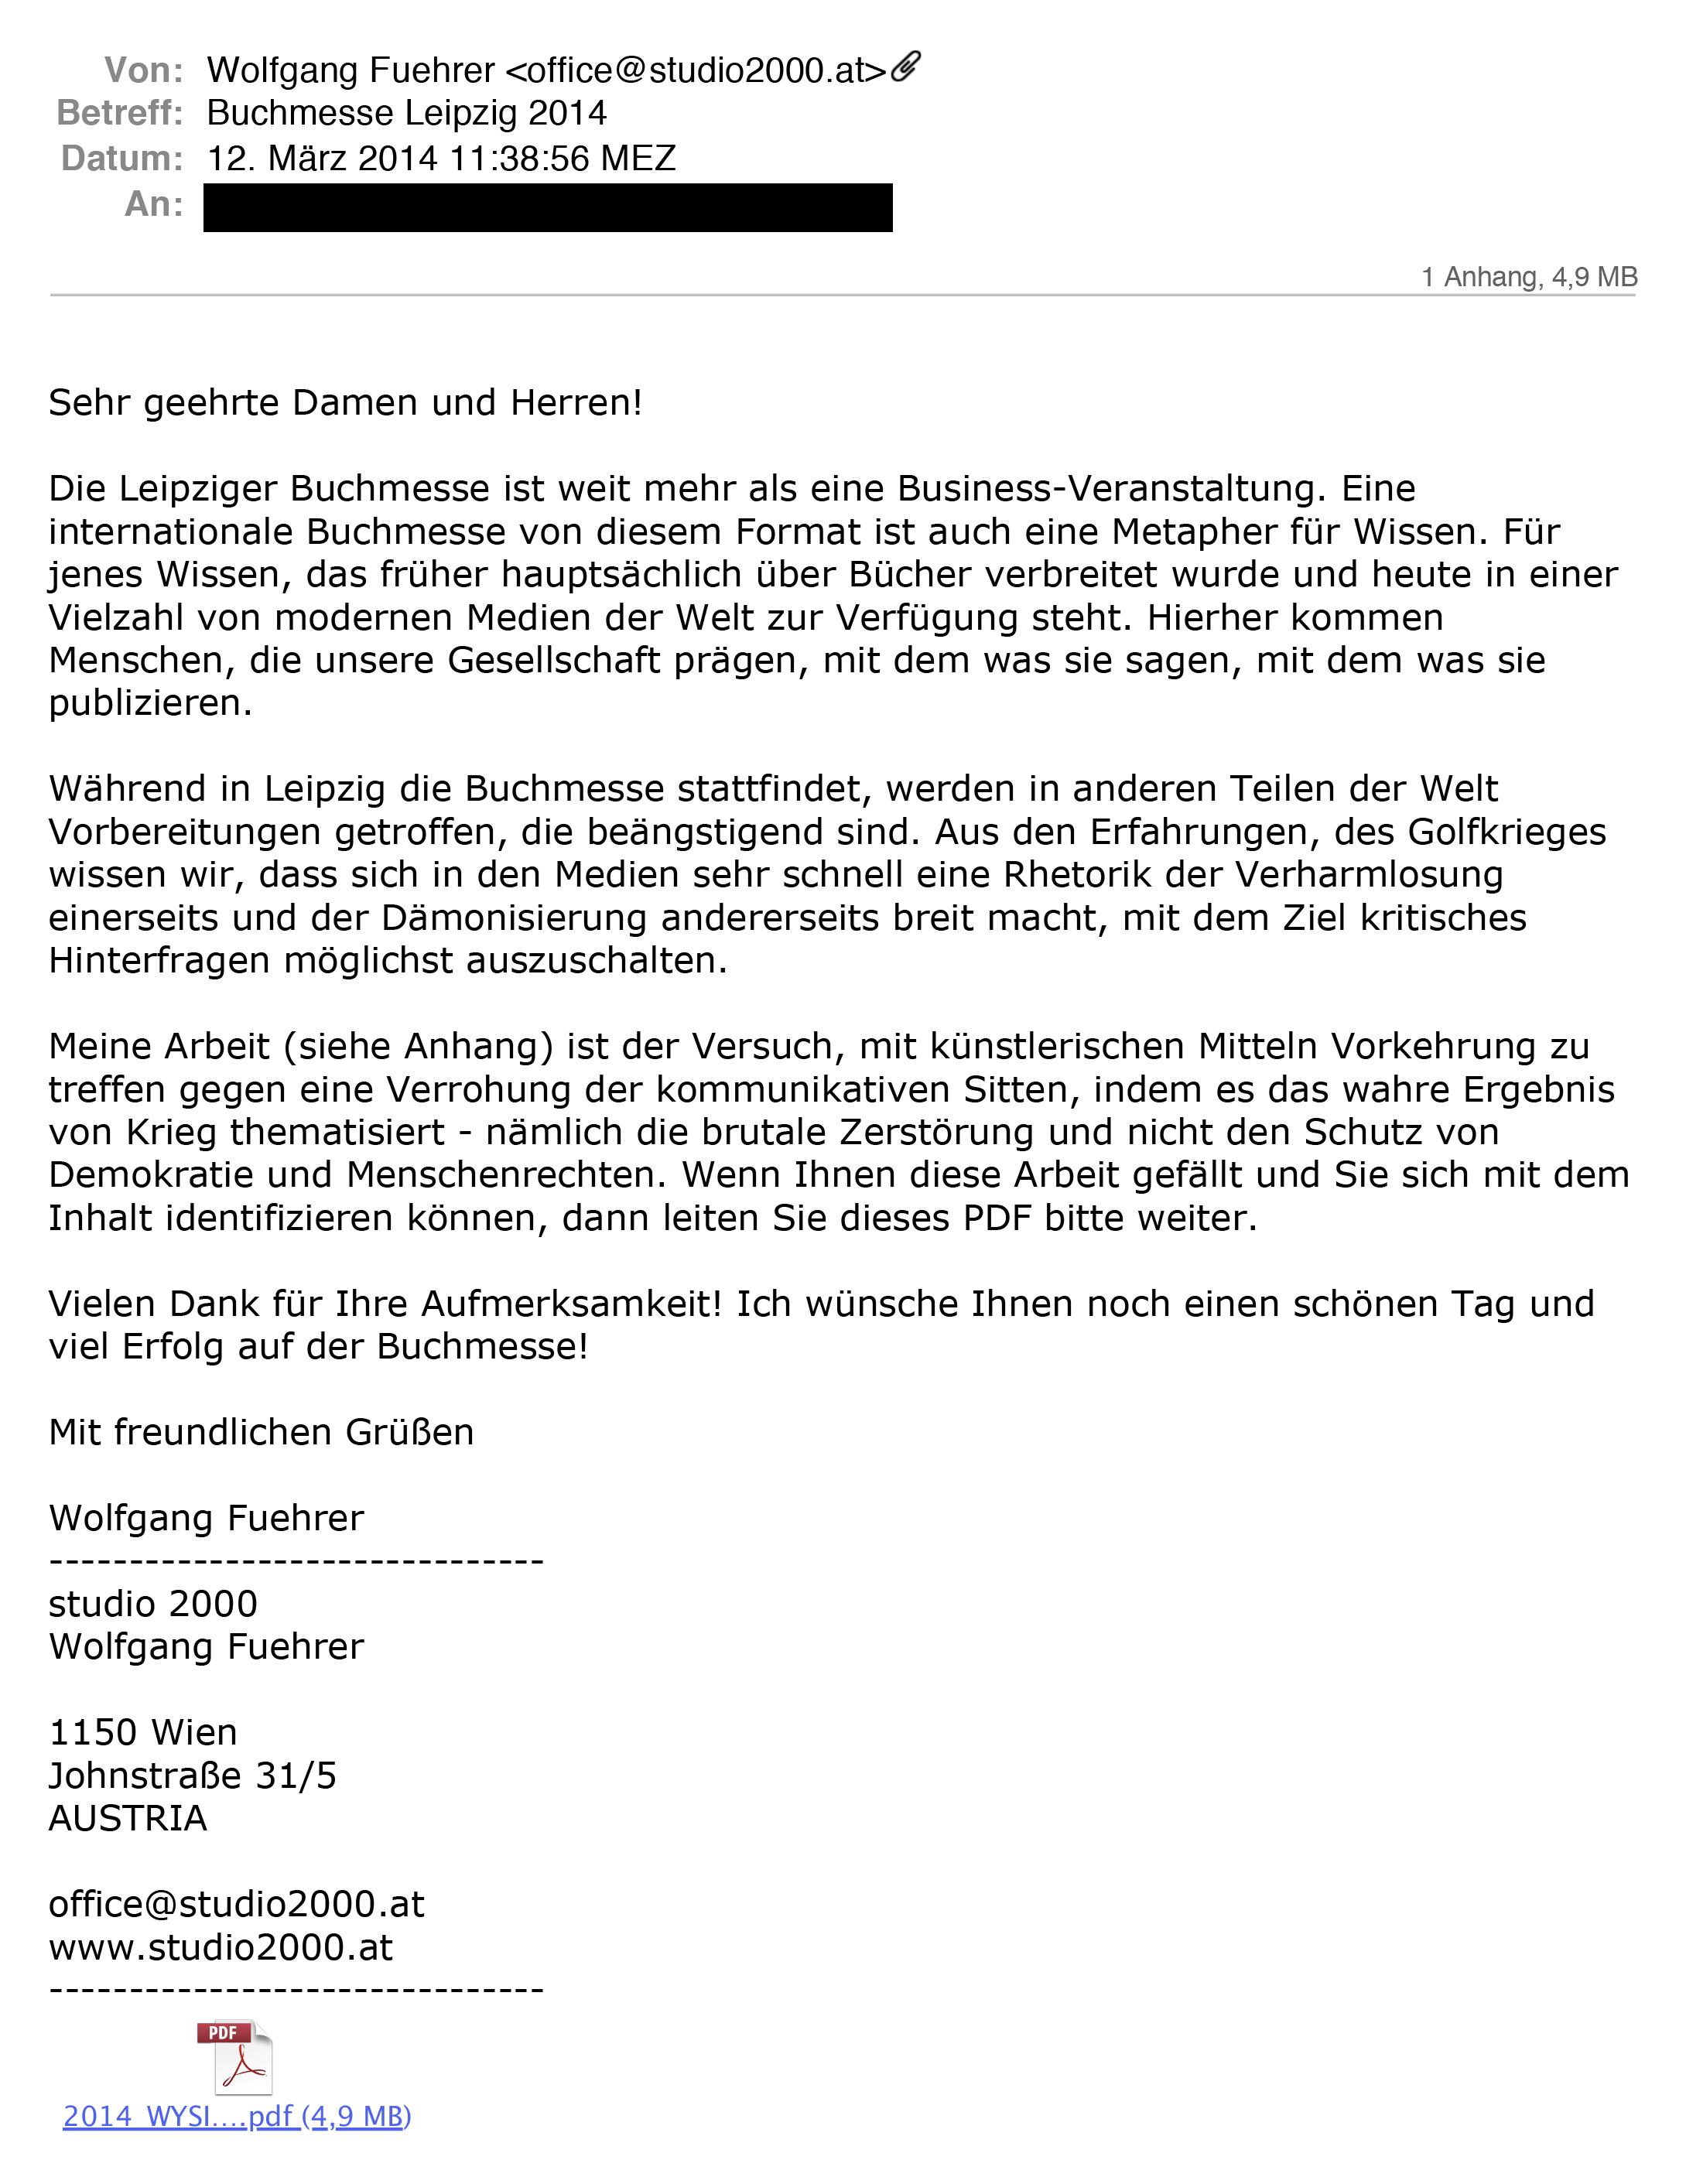 Mail_WYSIWYG_Buchmesse Leipzig 2014